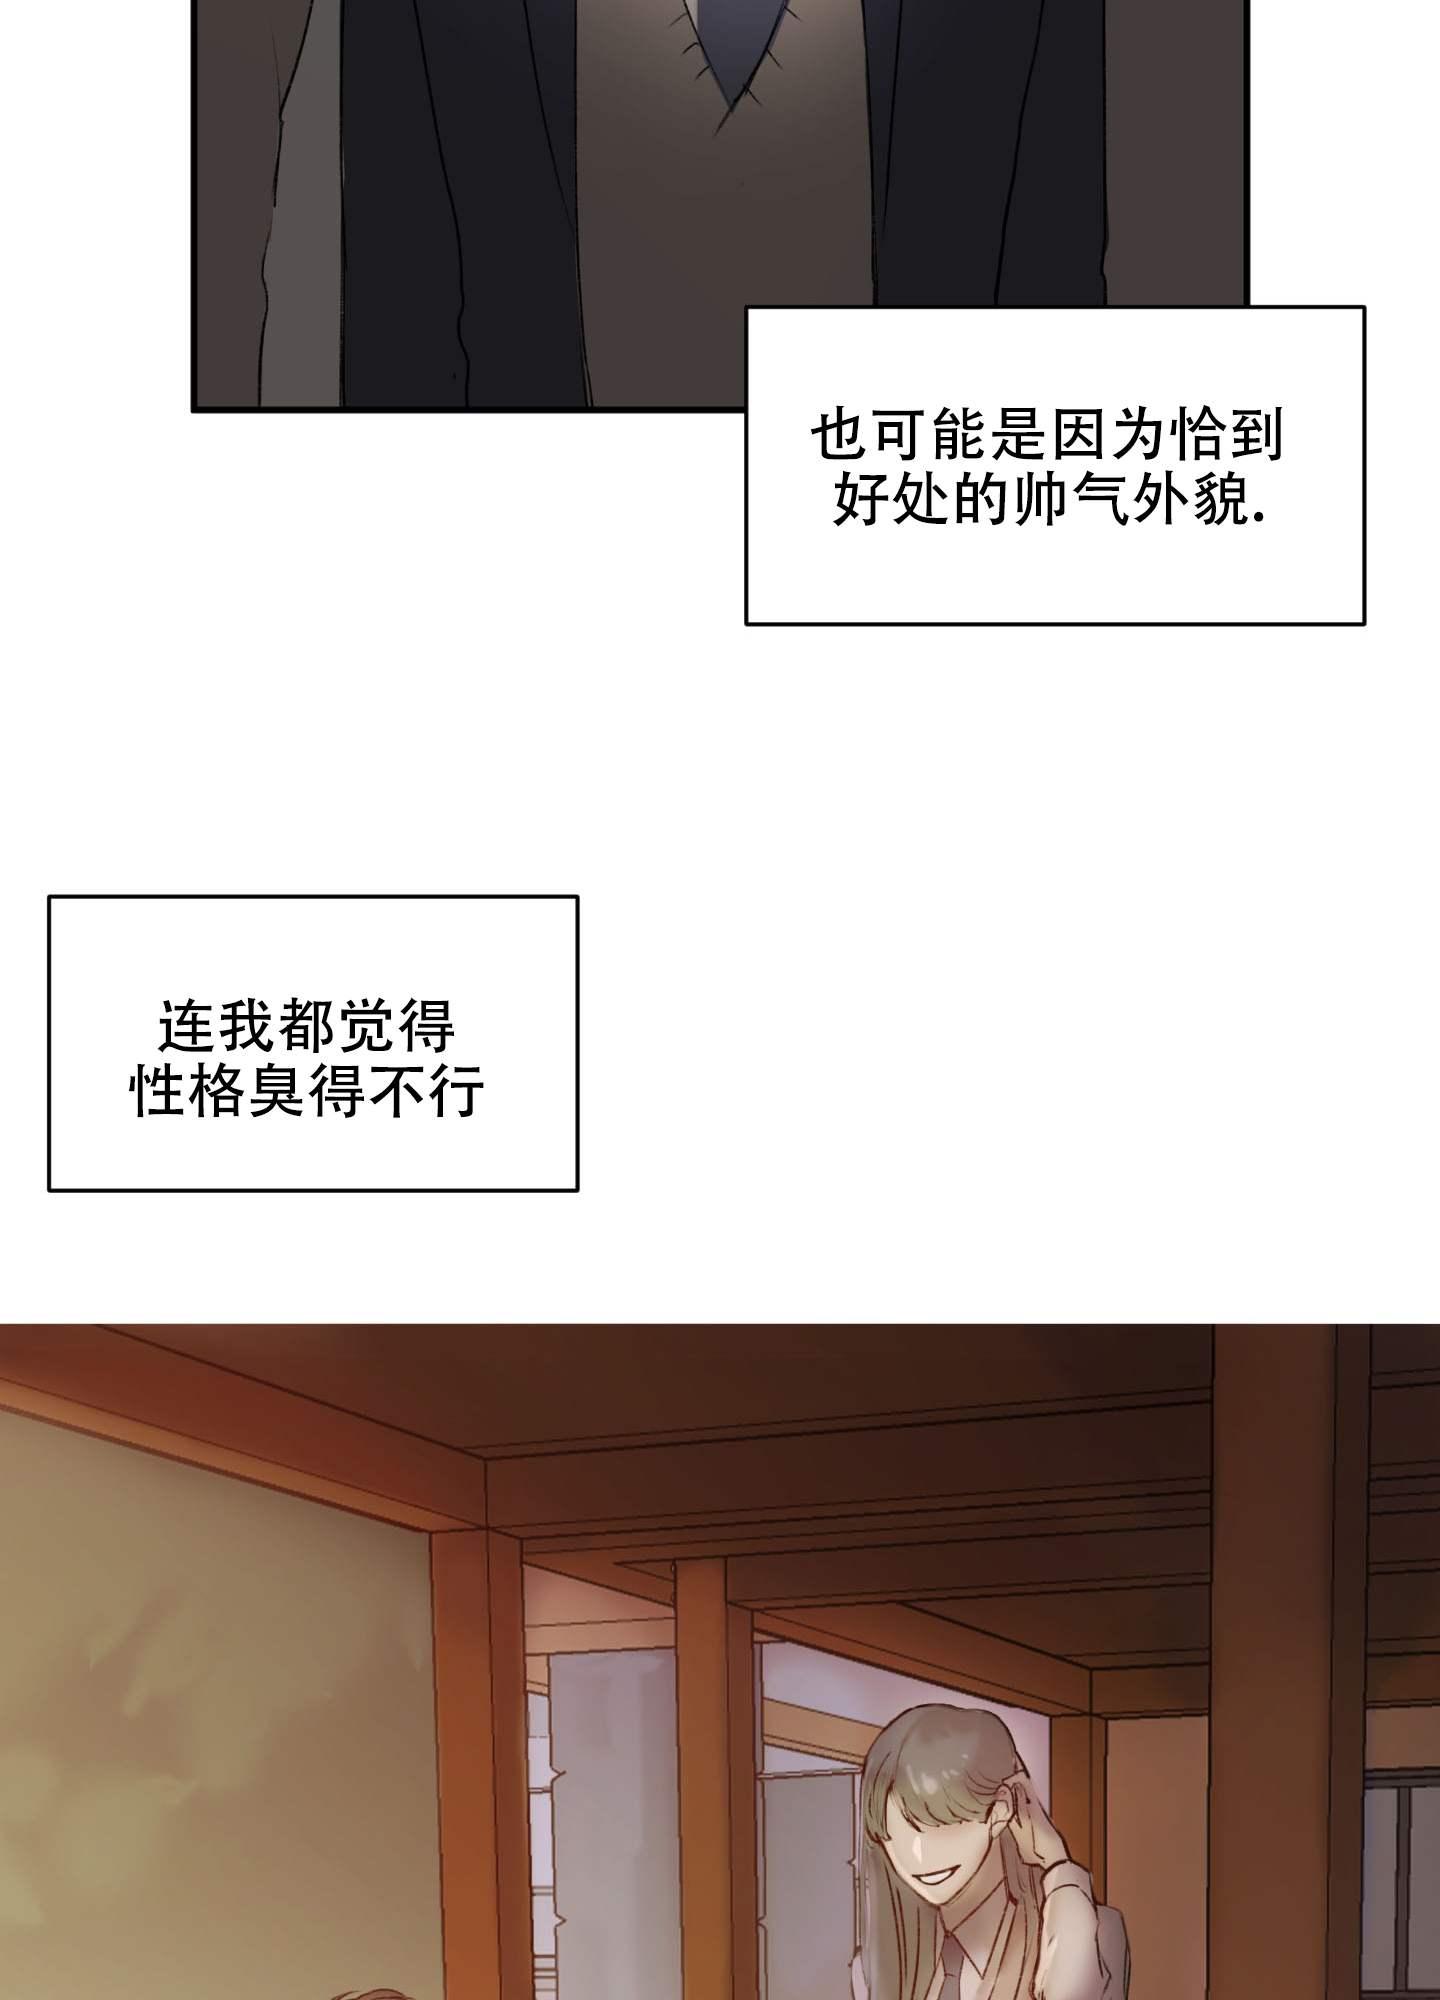 韩漫 |《恶魔的低语》年下痞老板,上来就扑倒!  第22张